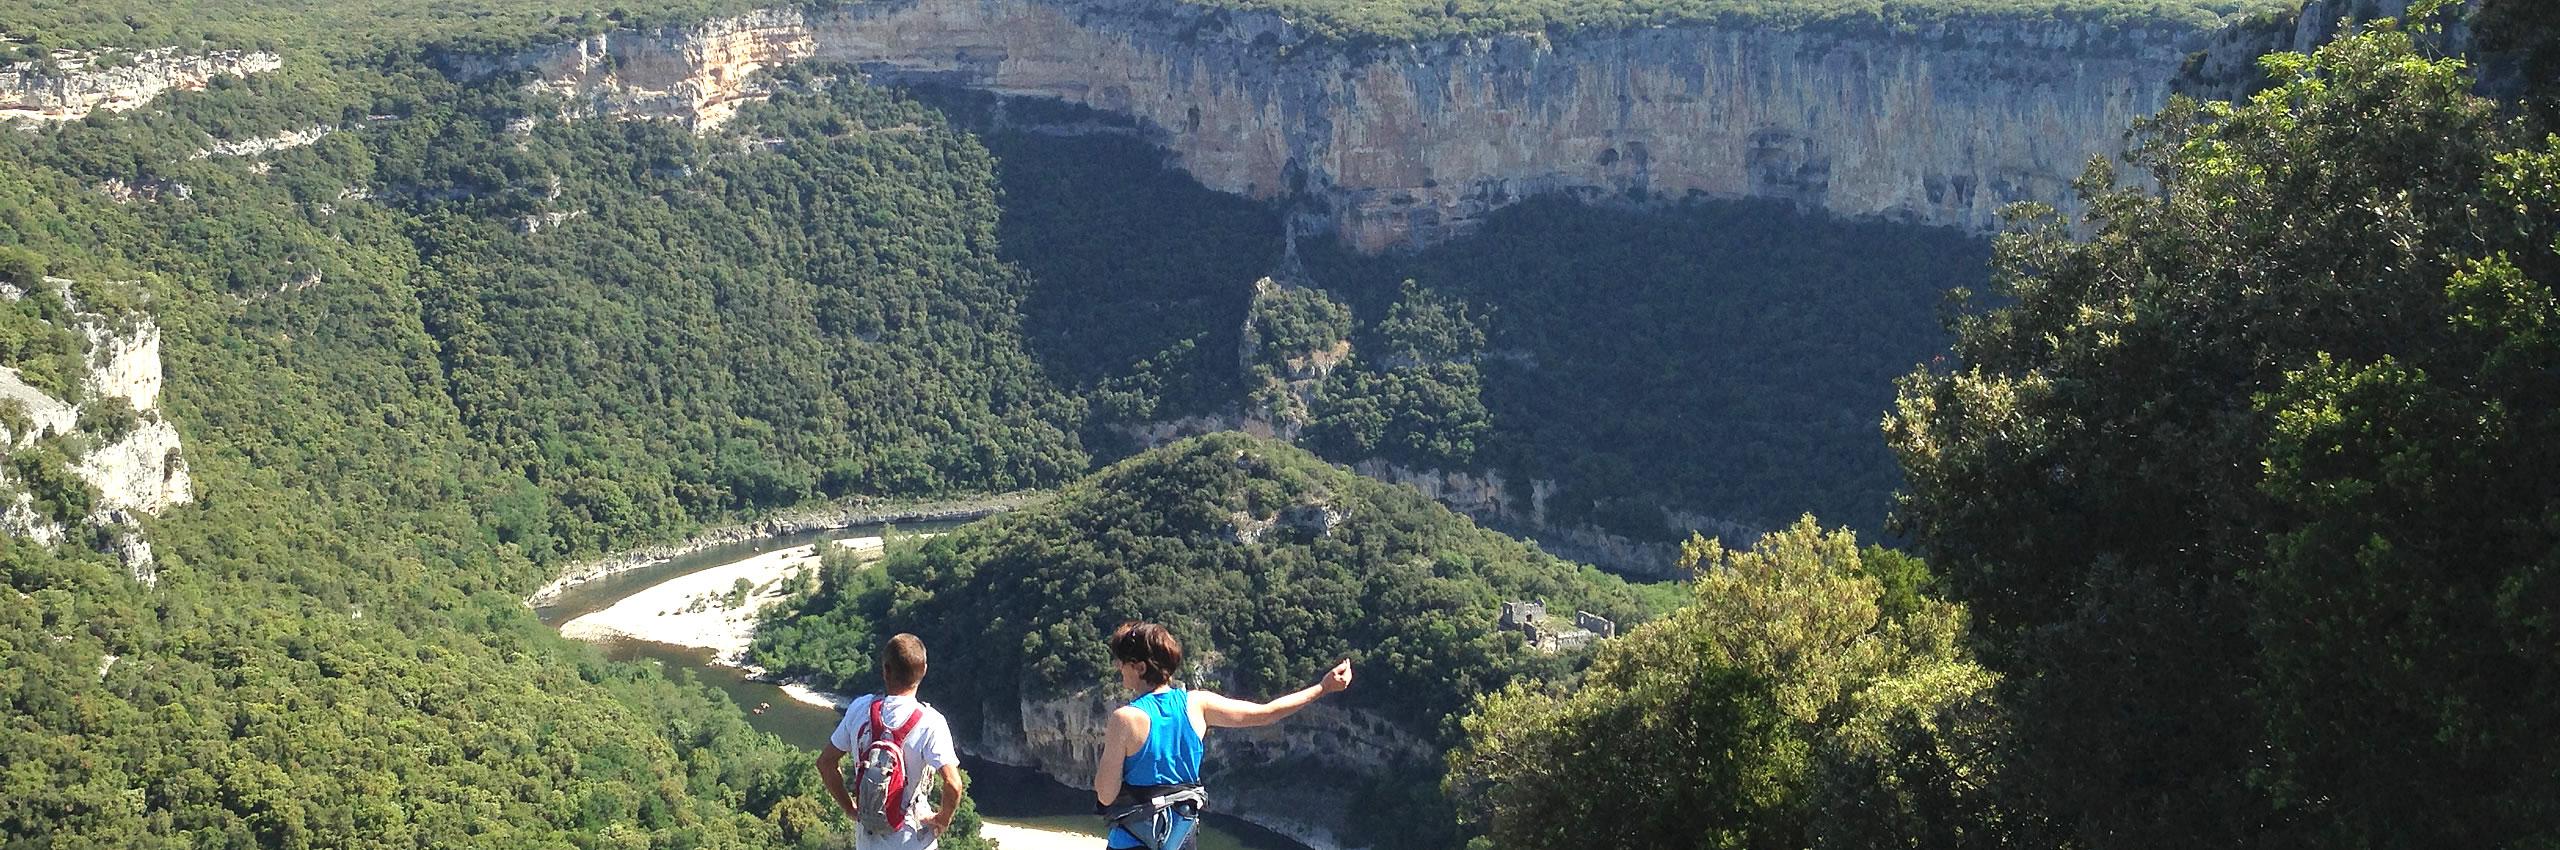 http://www.trail-gorges-ardeche.fr/img/mock2b.jpg